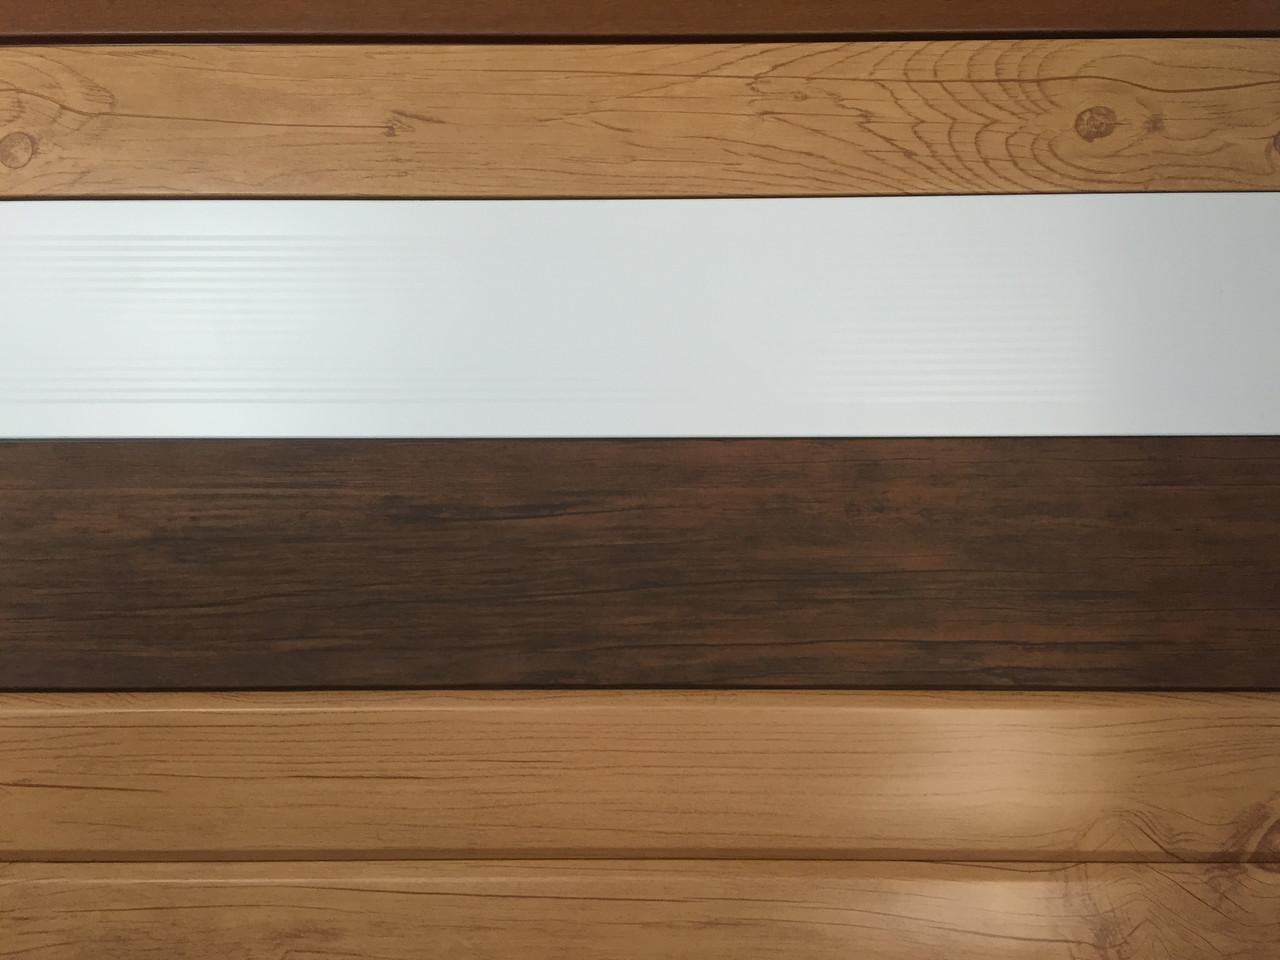 Металлосайдинг вагонка, цвет белый, по низким ценам светлое дерево